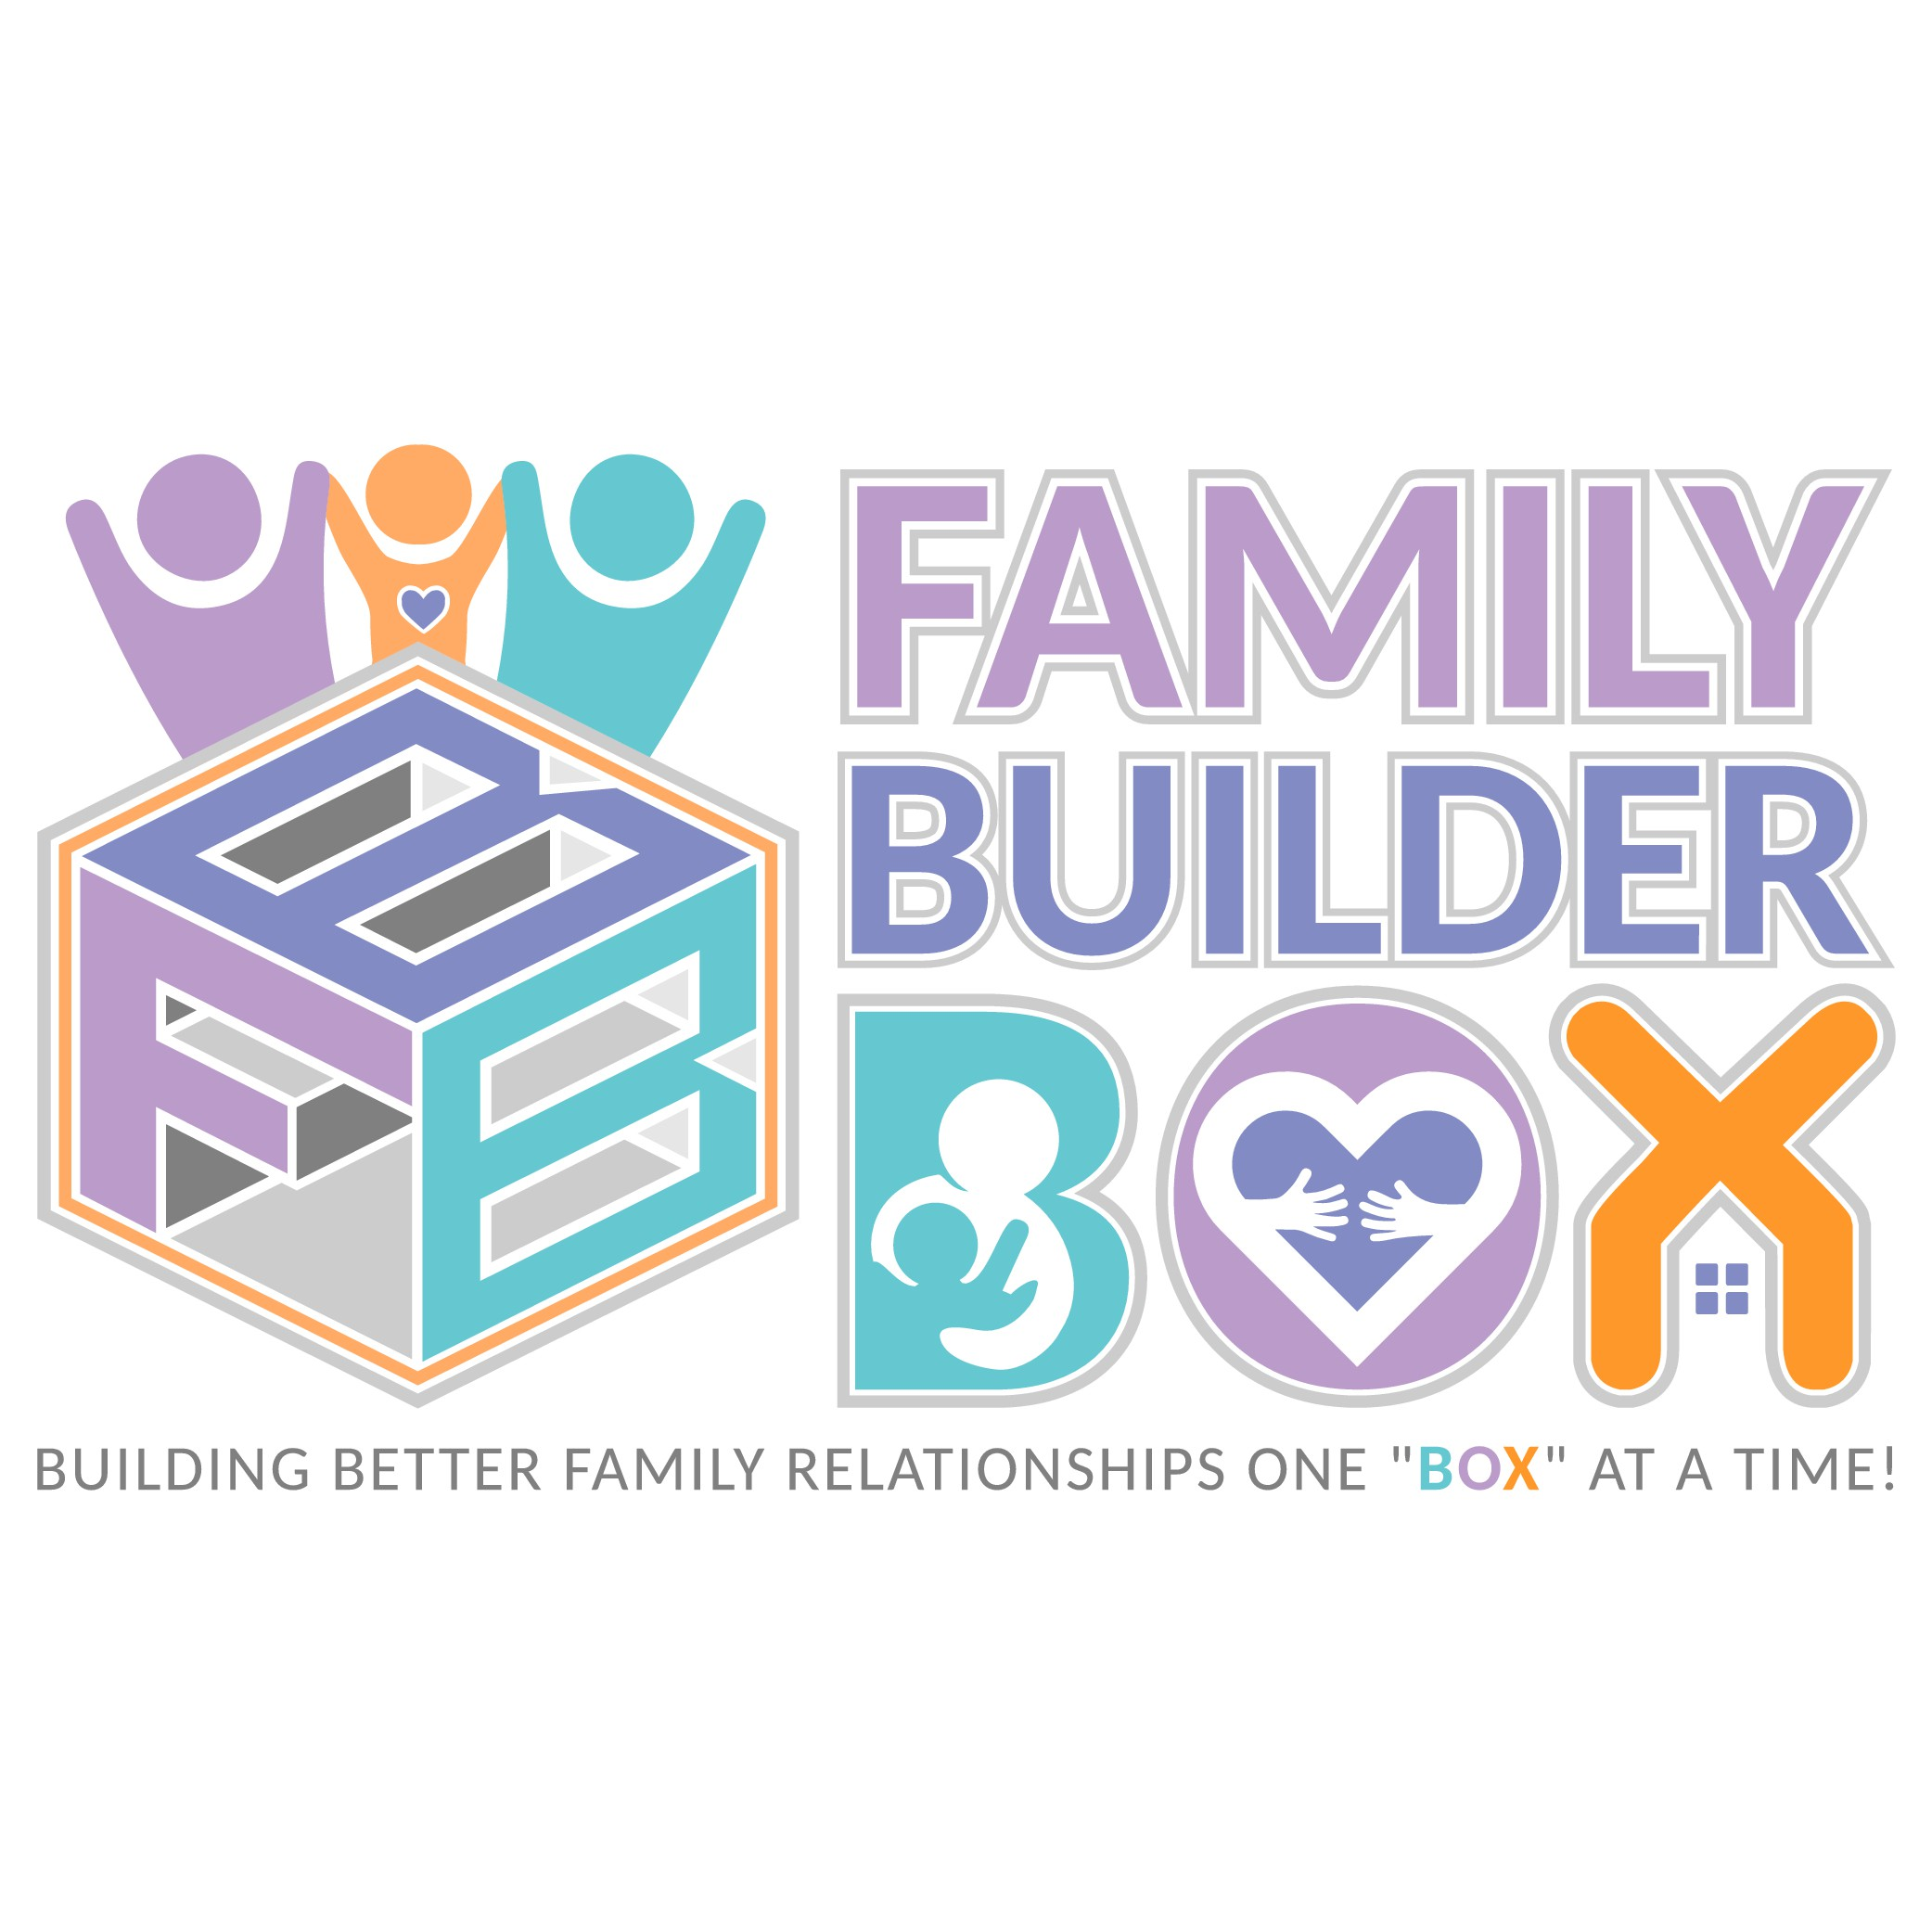 Design a Logo for Family Builder Box